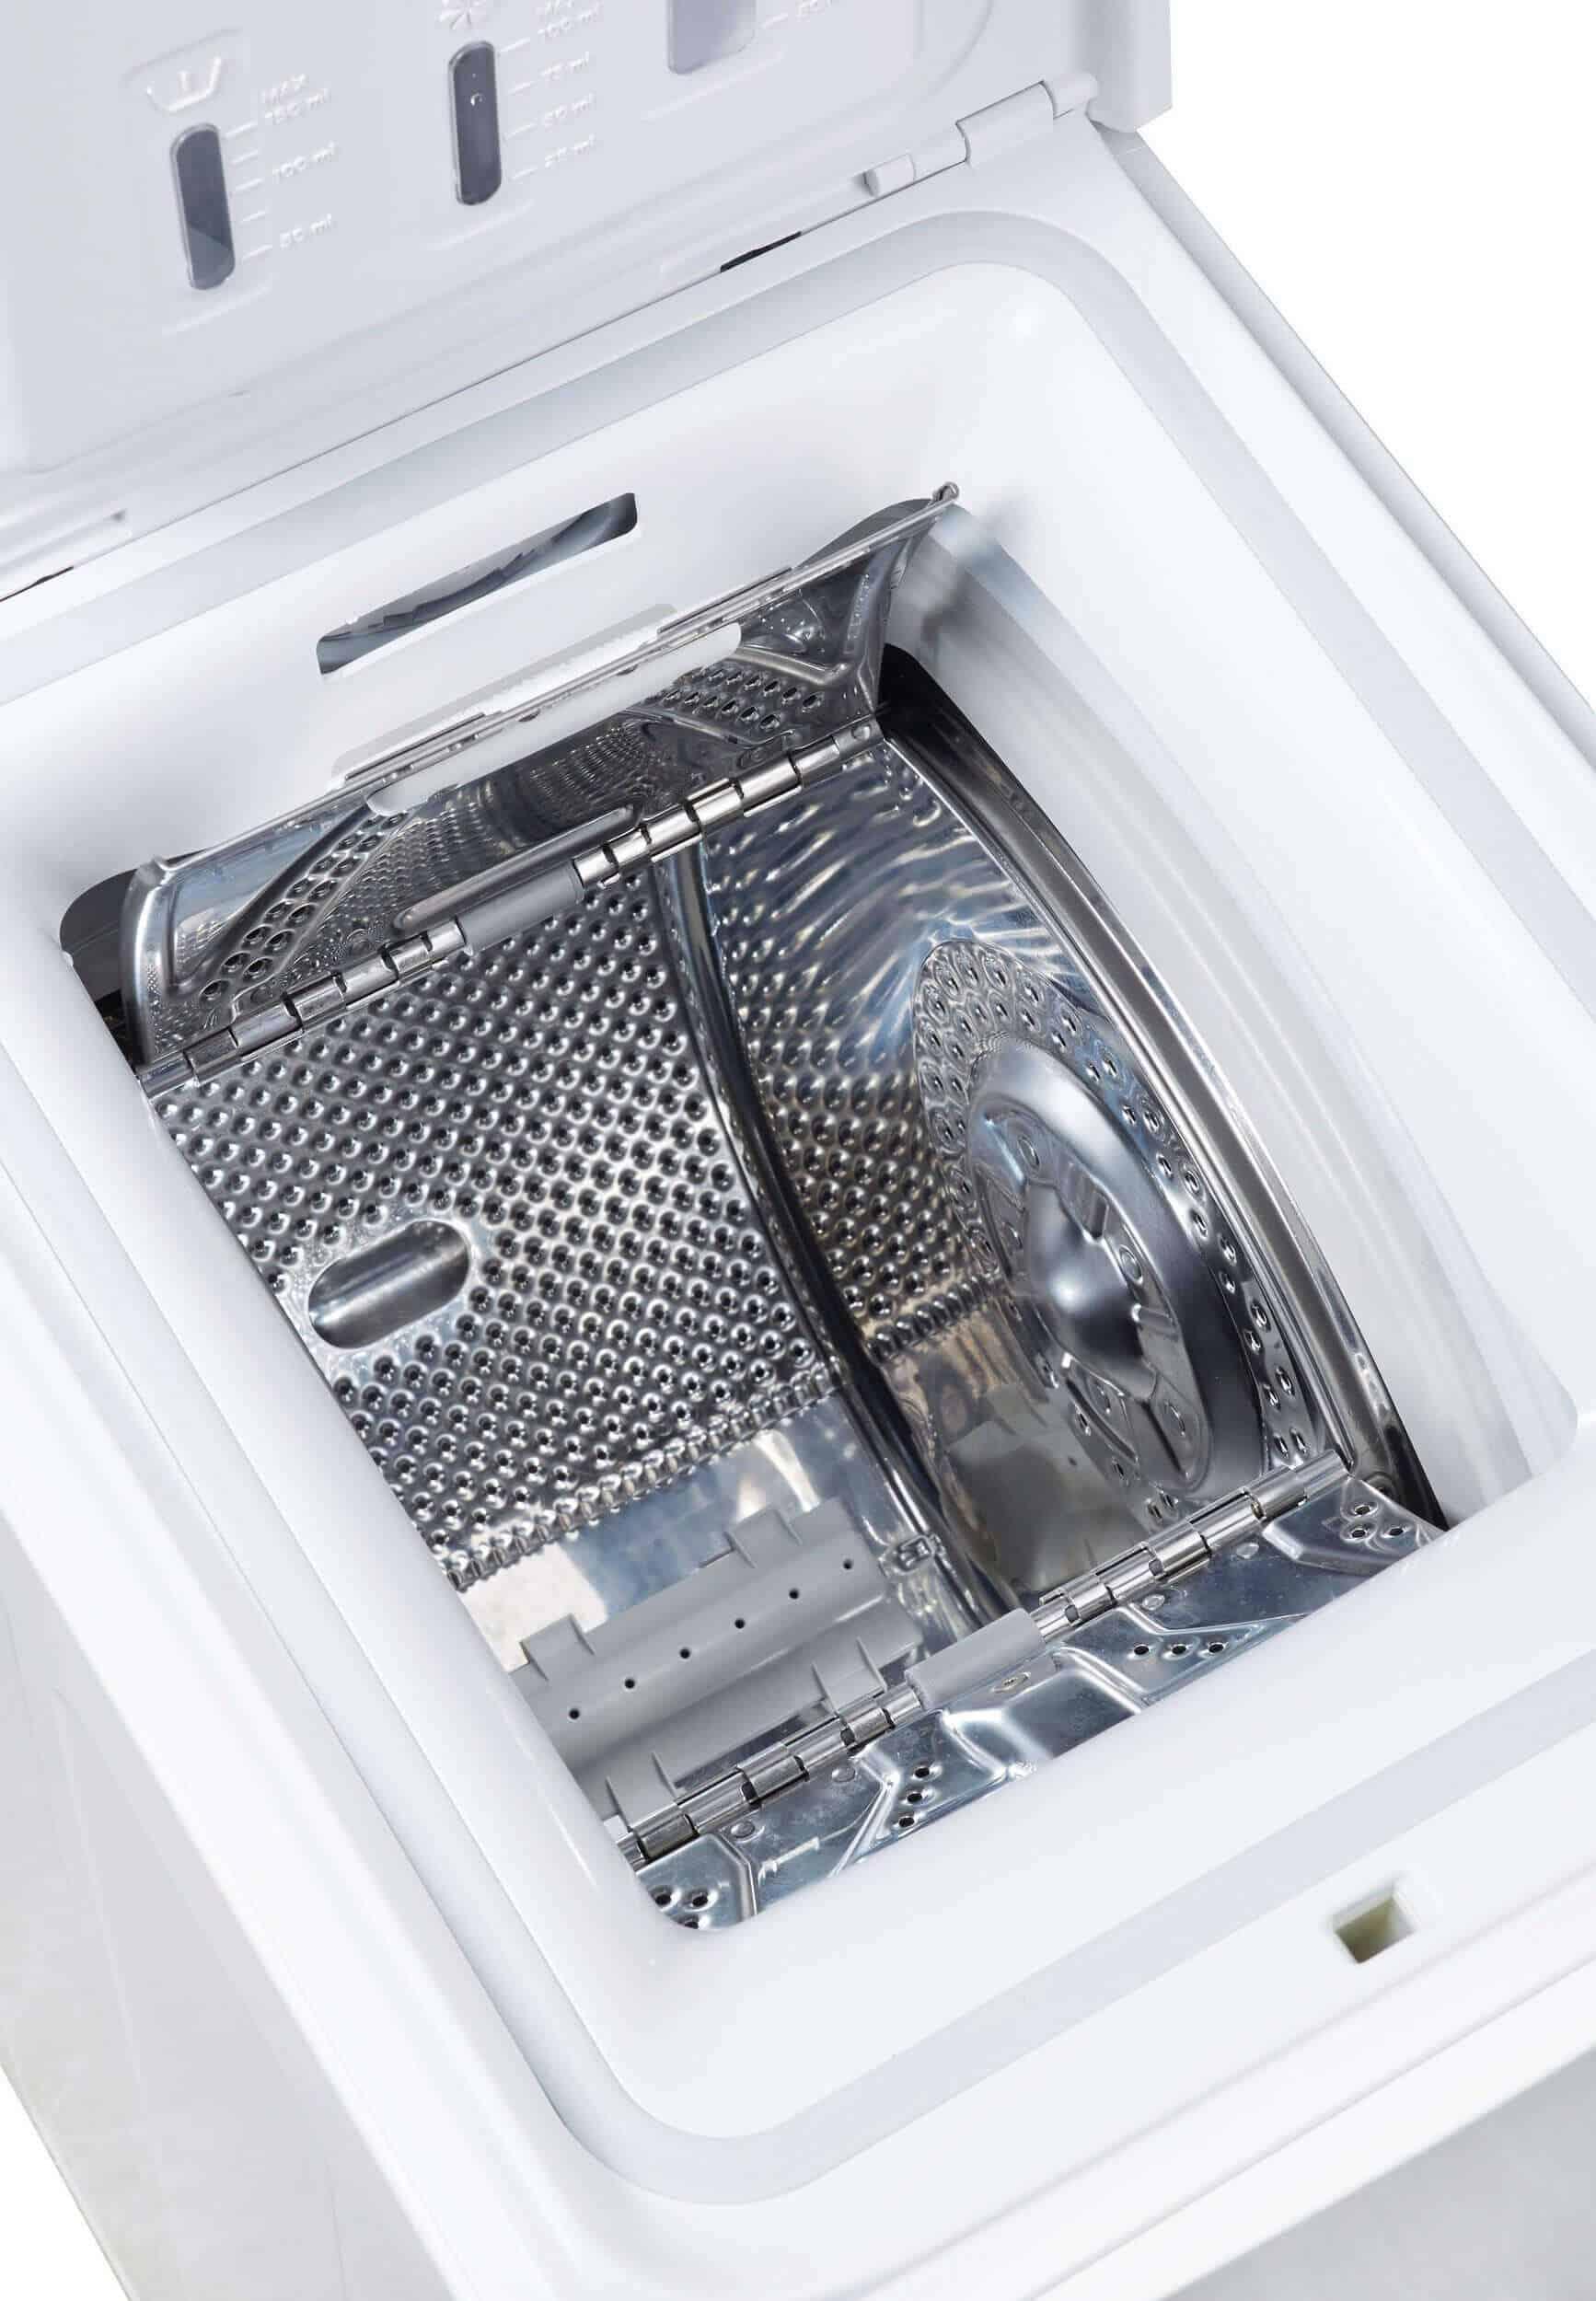 Bauknecht Wat Prime 752 Ps Waschmaschine Im Test 022019